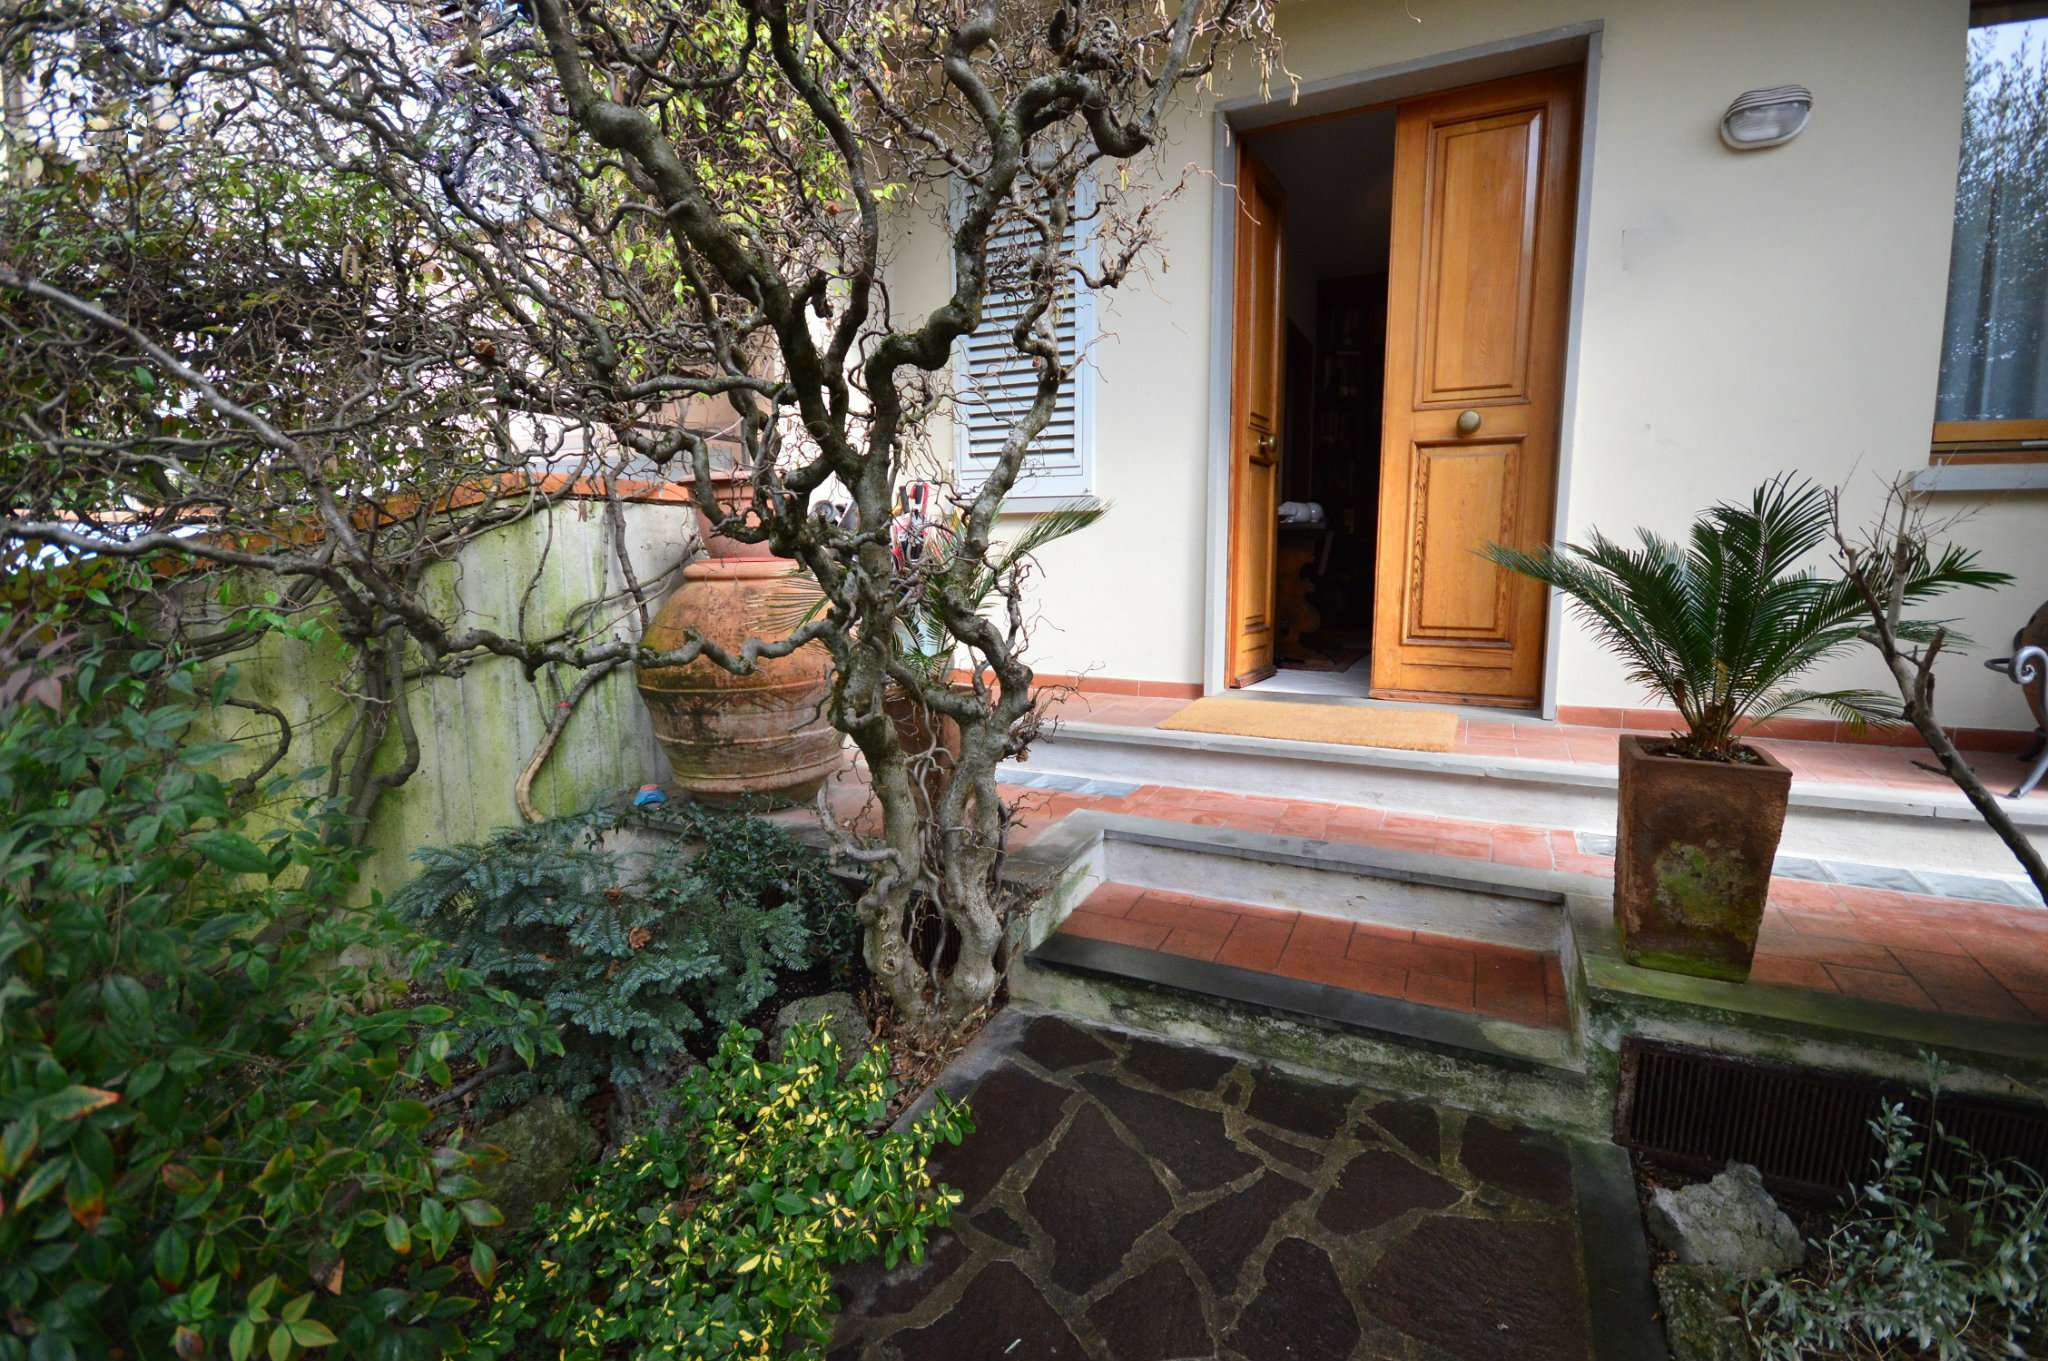 Palazzo / Stabile in vendita a Monterchi, 7 locali, prezzo € 380.000 | Cambio Casa.it